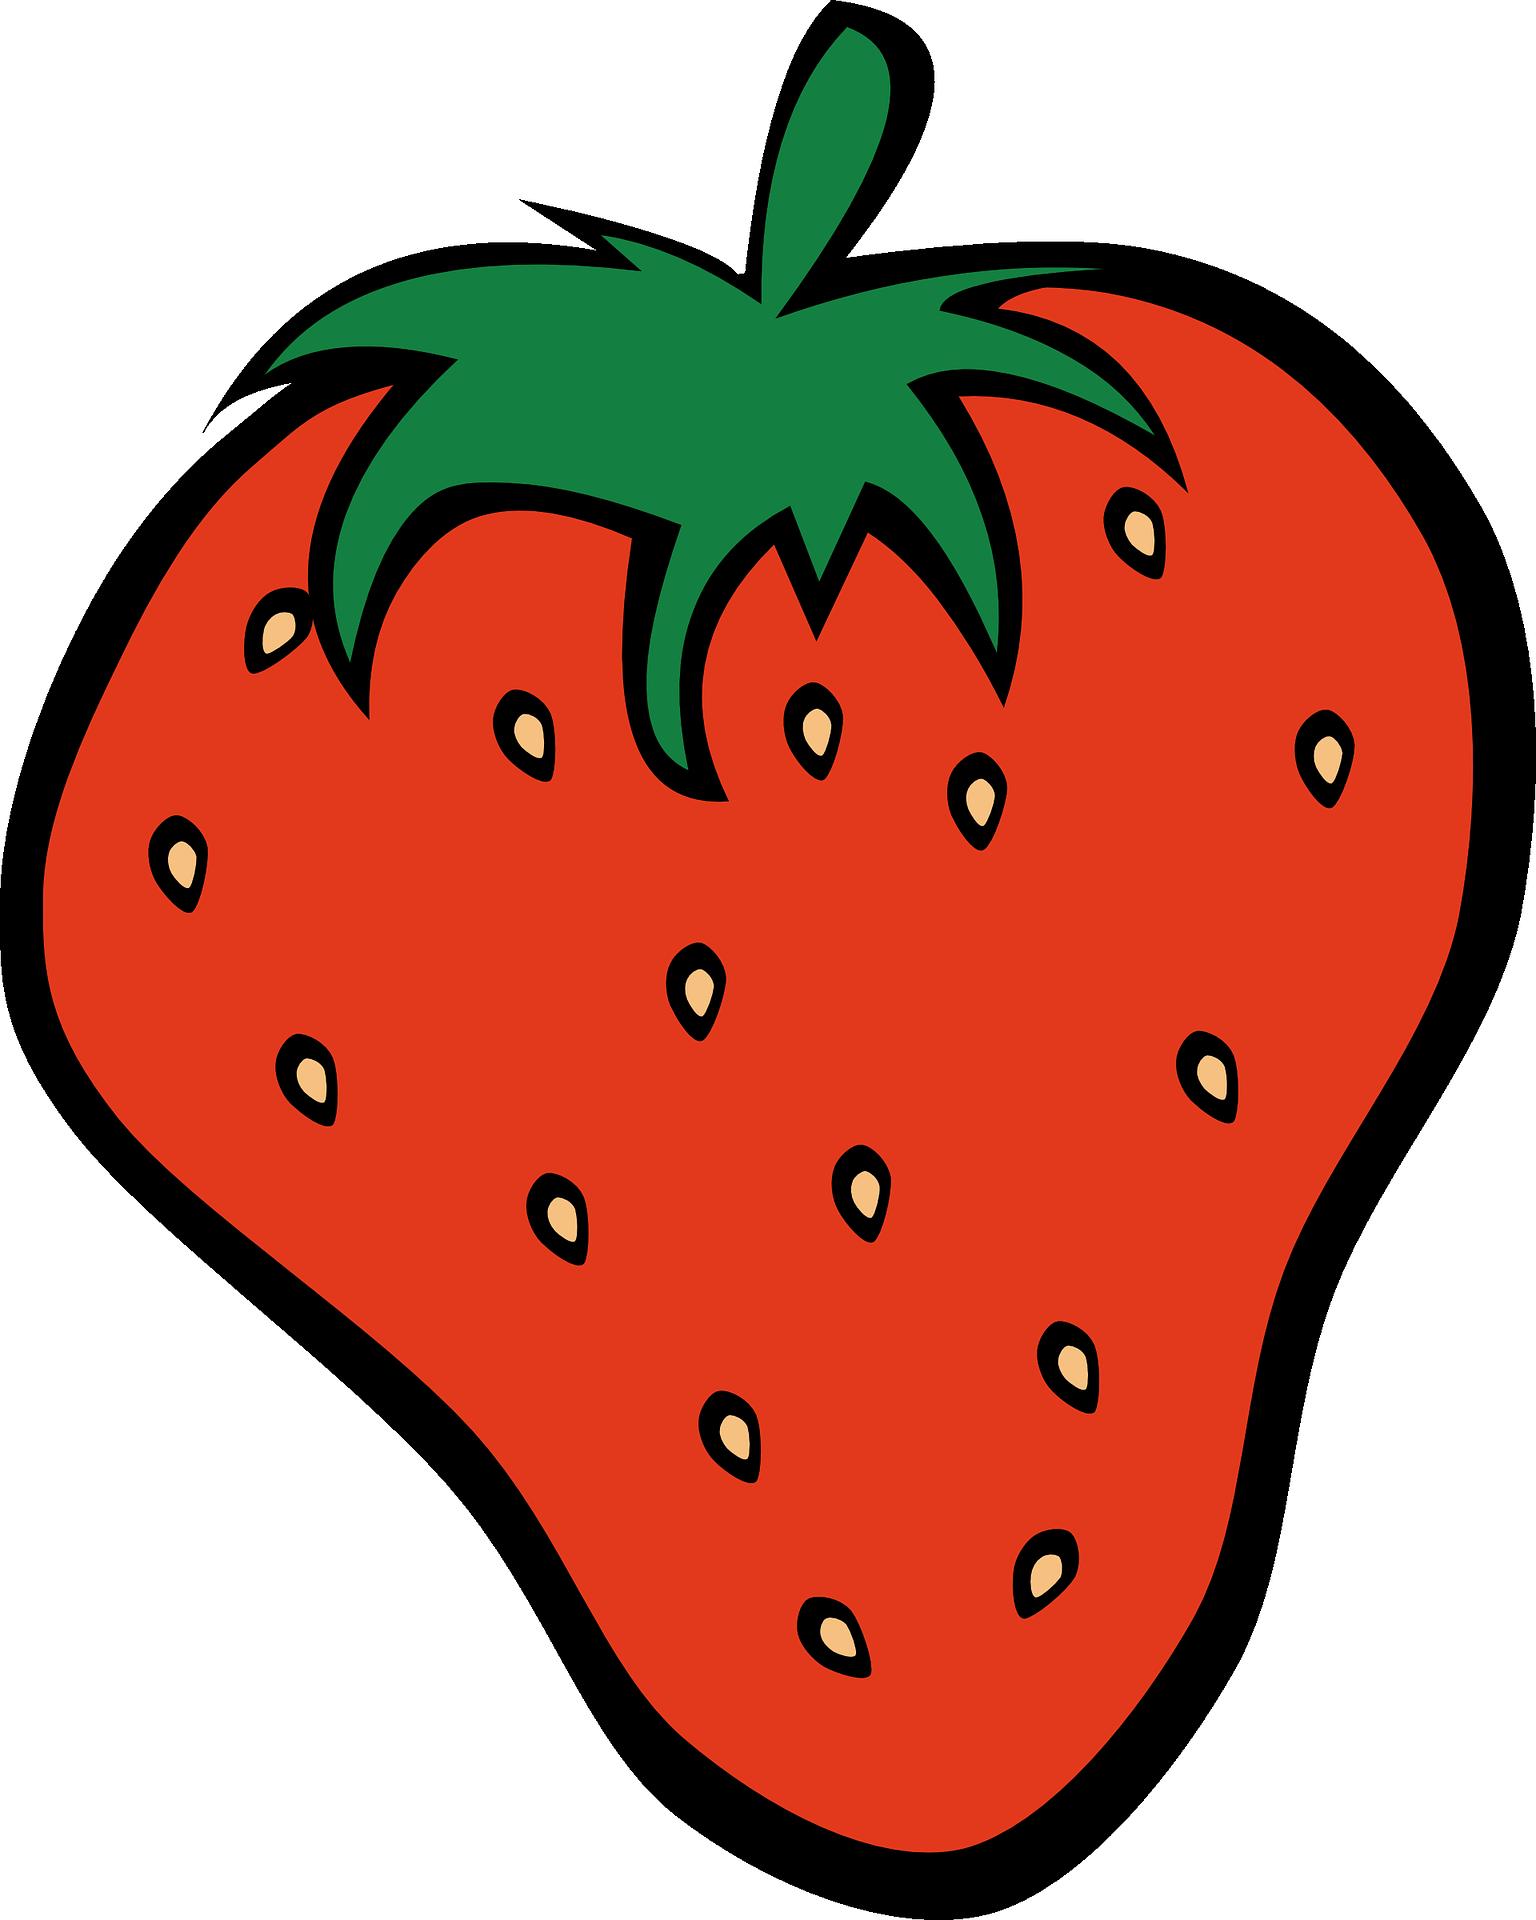 Transparent strawberry clip art - Clip Art Details - Fruit Clipart